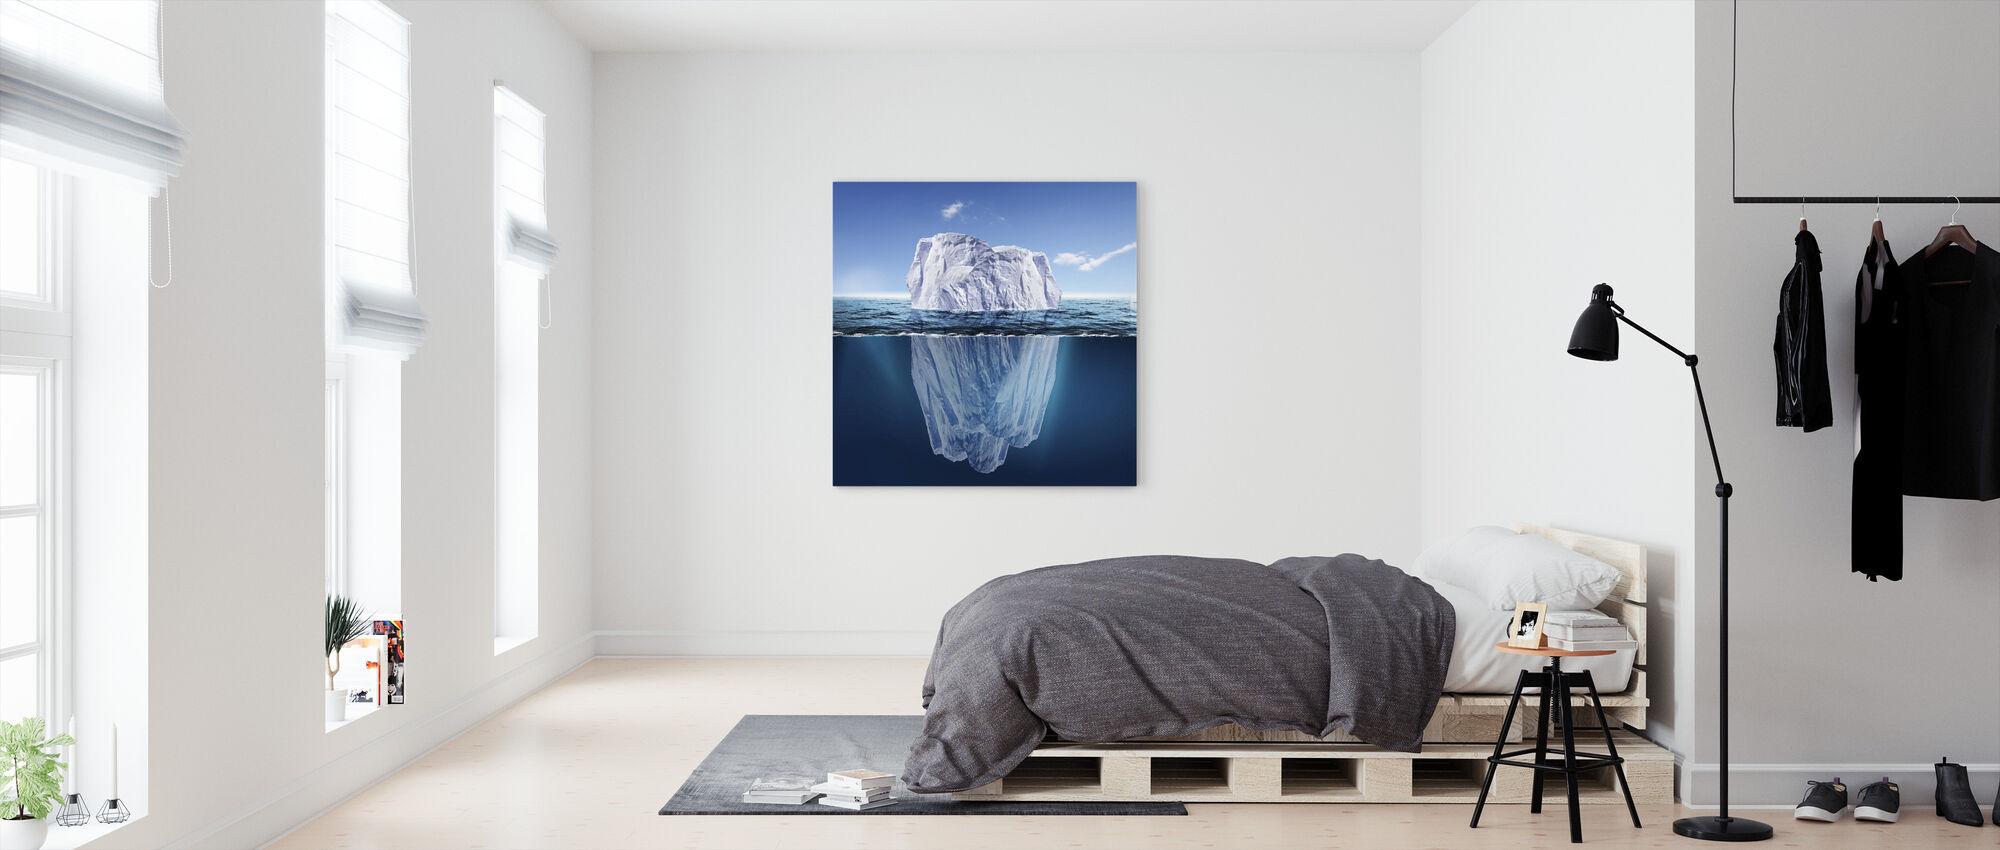 Dold under ytan - Canvastavla - Sovrum